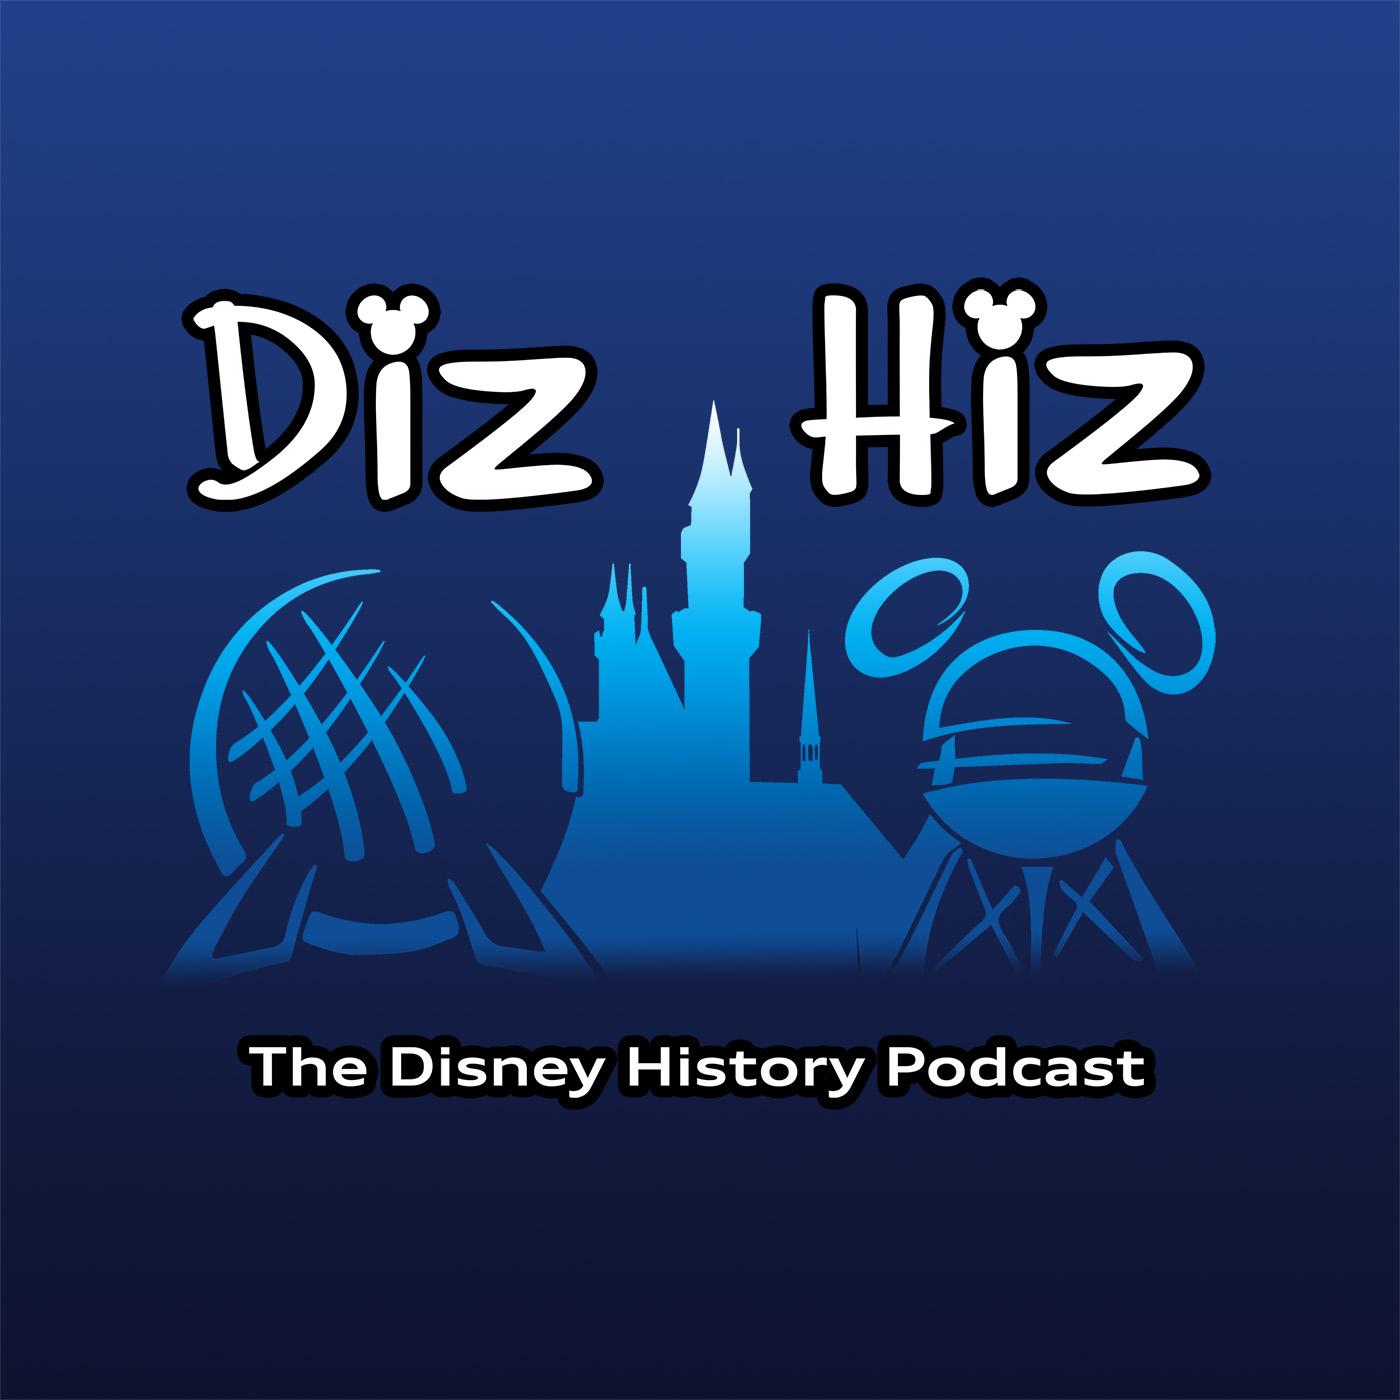 Diz Hiz Episode 121: Zorro (The Disney History Podcast) show art